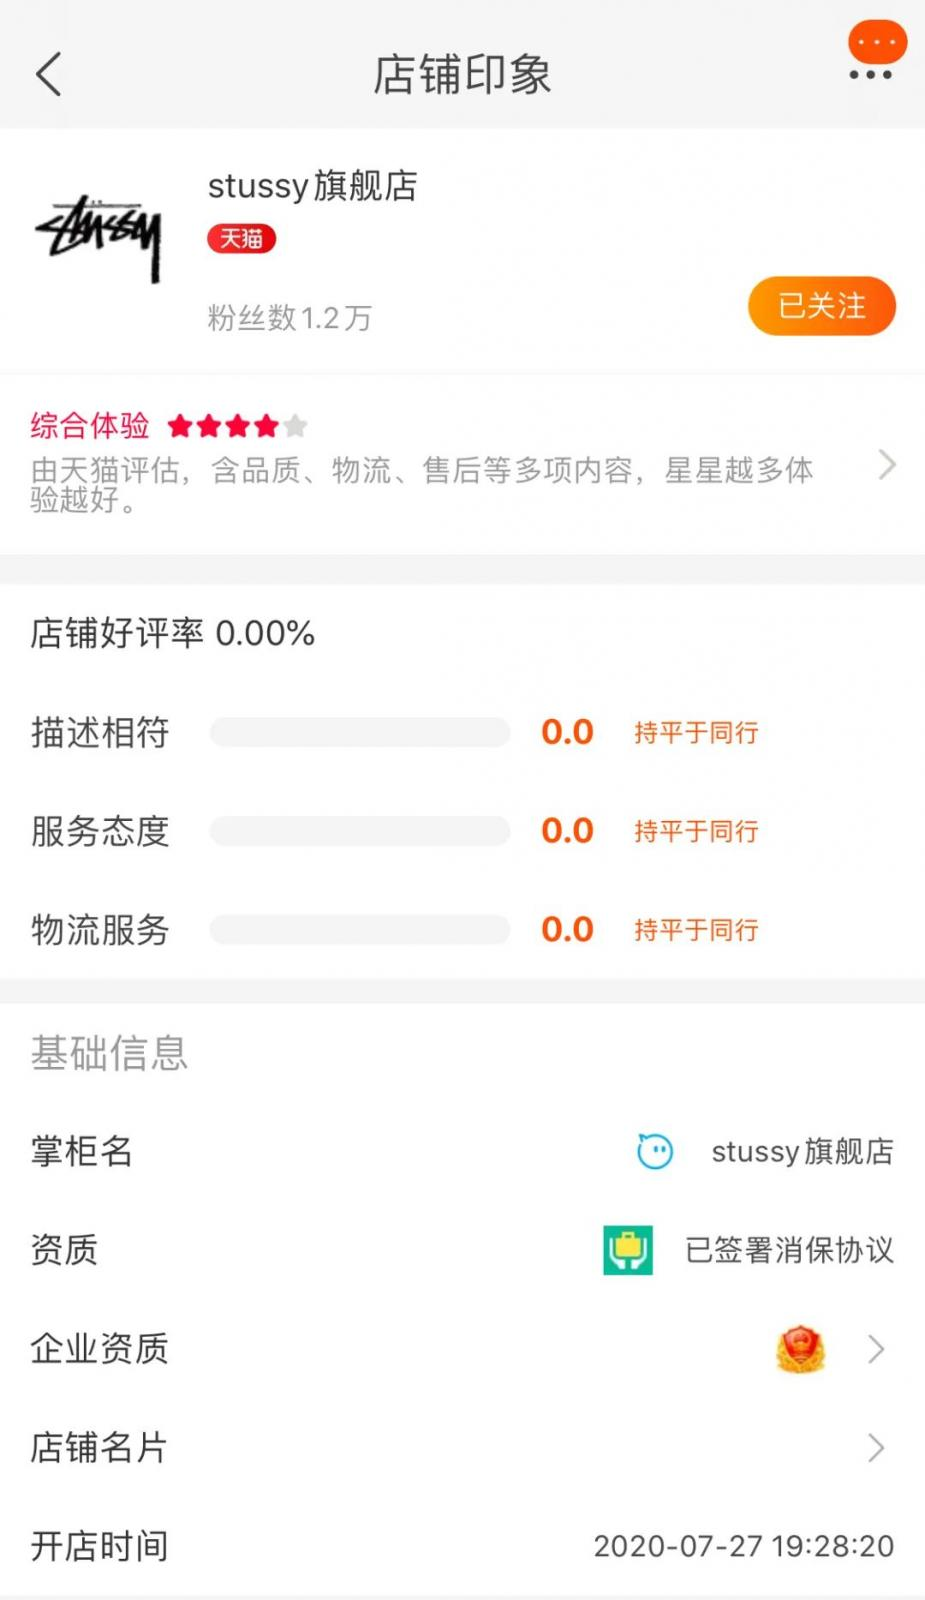 中国大佬拿下!Stussy中国上海店开业,天猫旗舰店也曝光了!